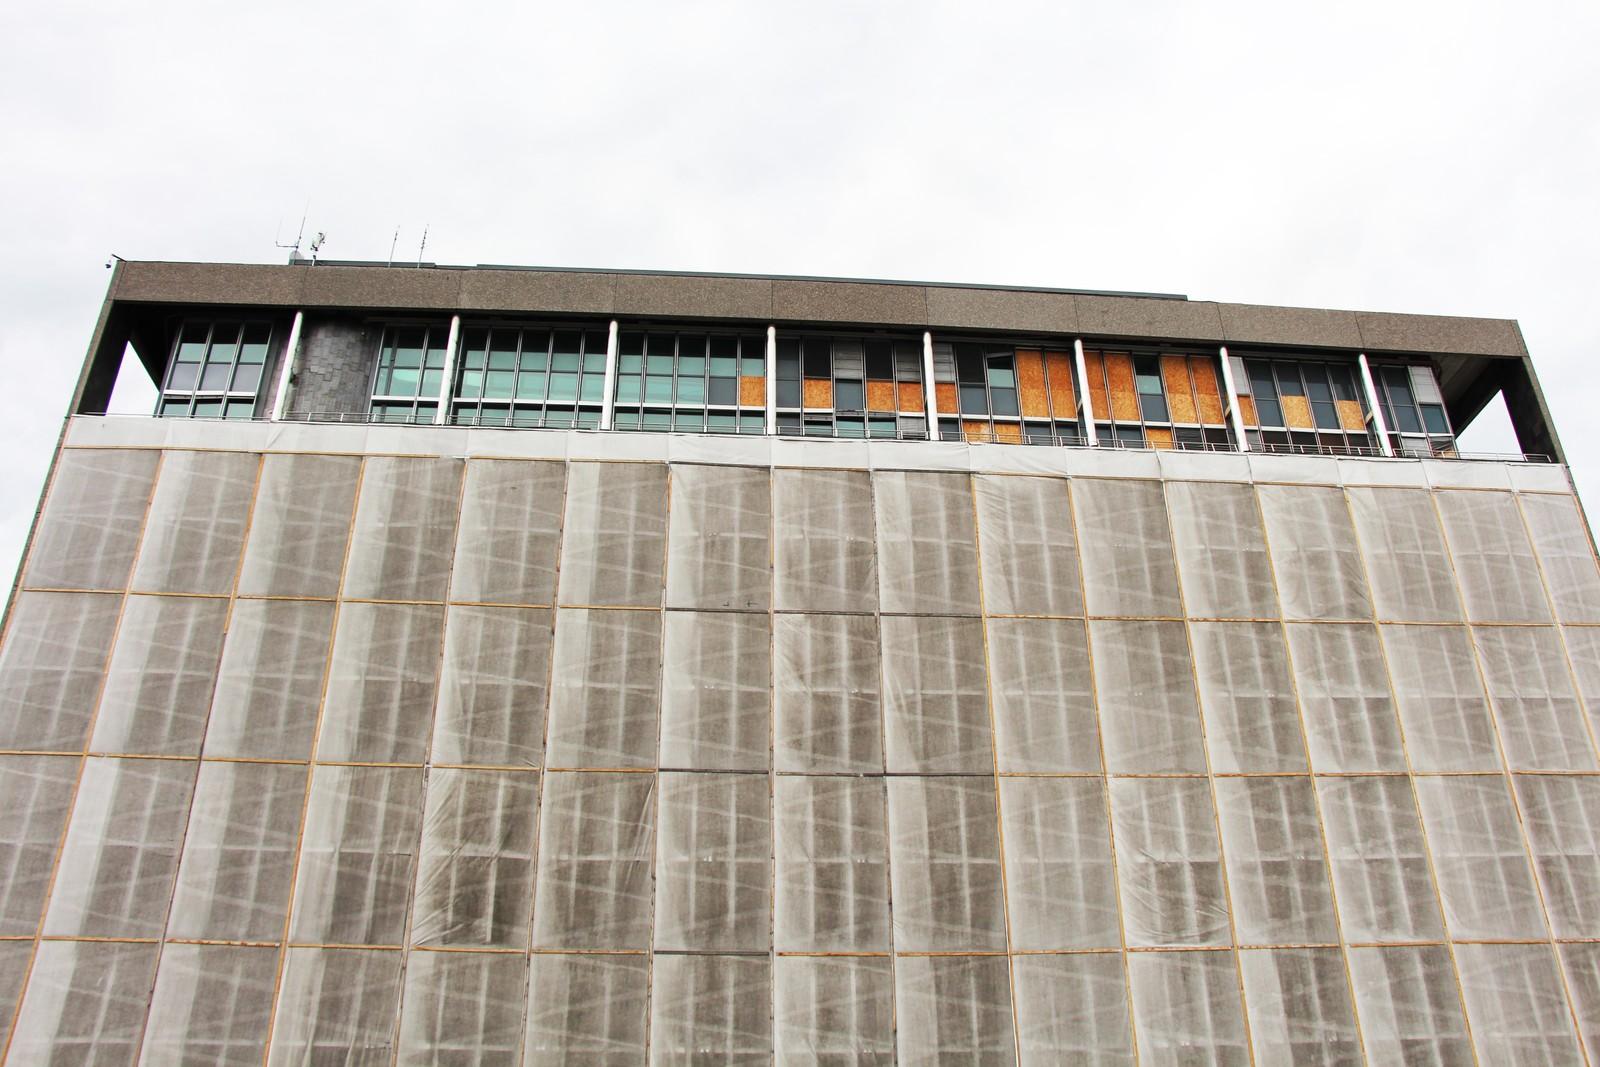 De to øverste etasjene på Høyblokka foreslås revet, og fire nye bygges på. Frist for innspill til reguleringsplanen for nytt regjeringskvartal er 31. oktober 2016.